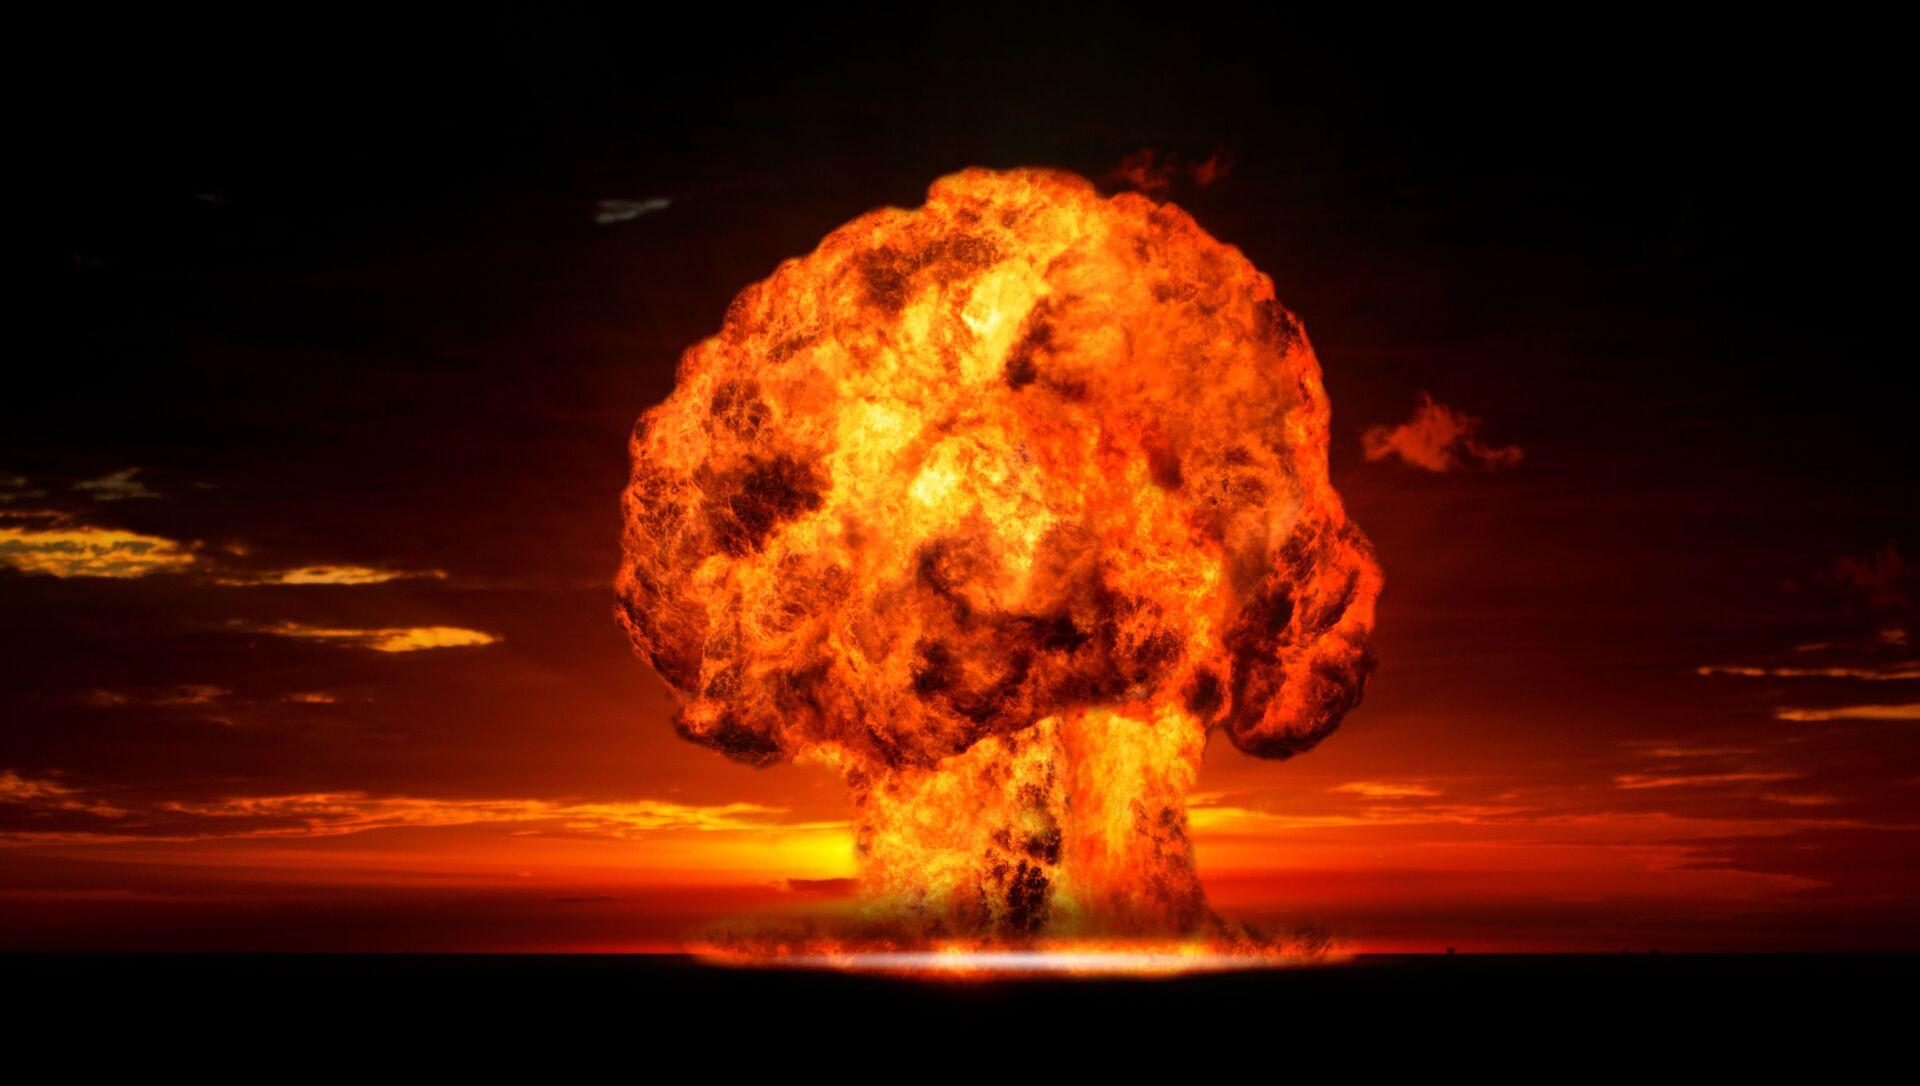 Ядерный взрыв - Sputnik Южная Осетия, 1920, 26.09.2021